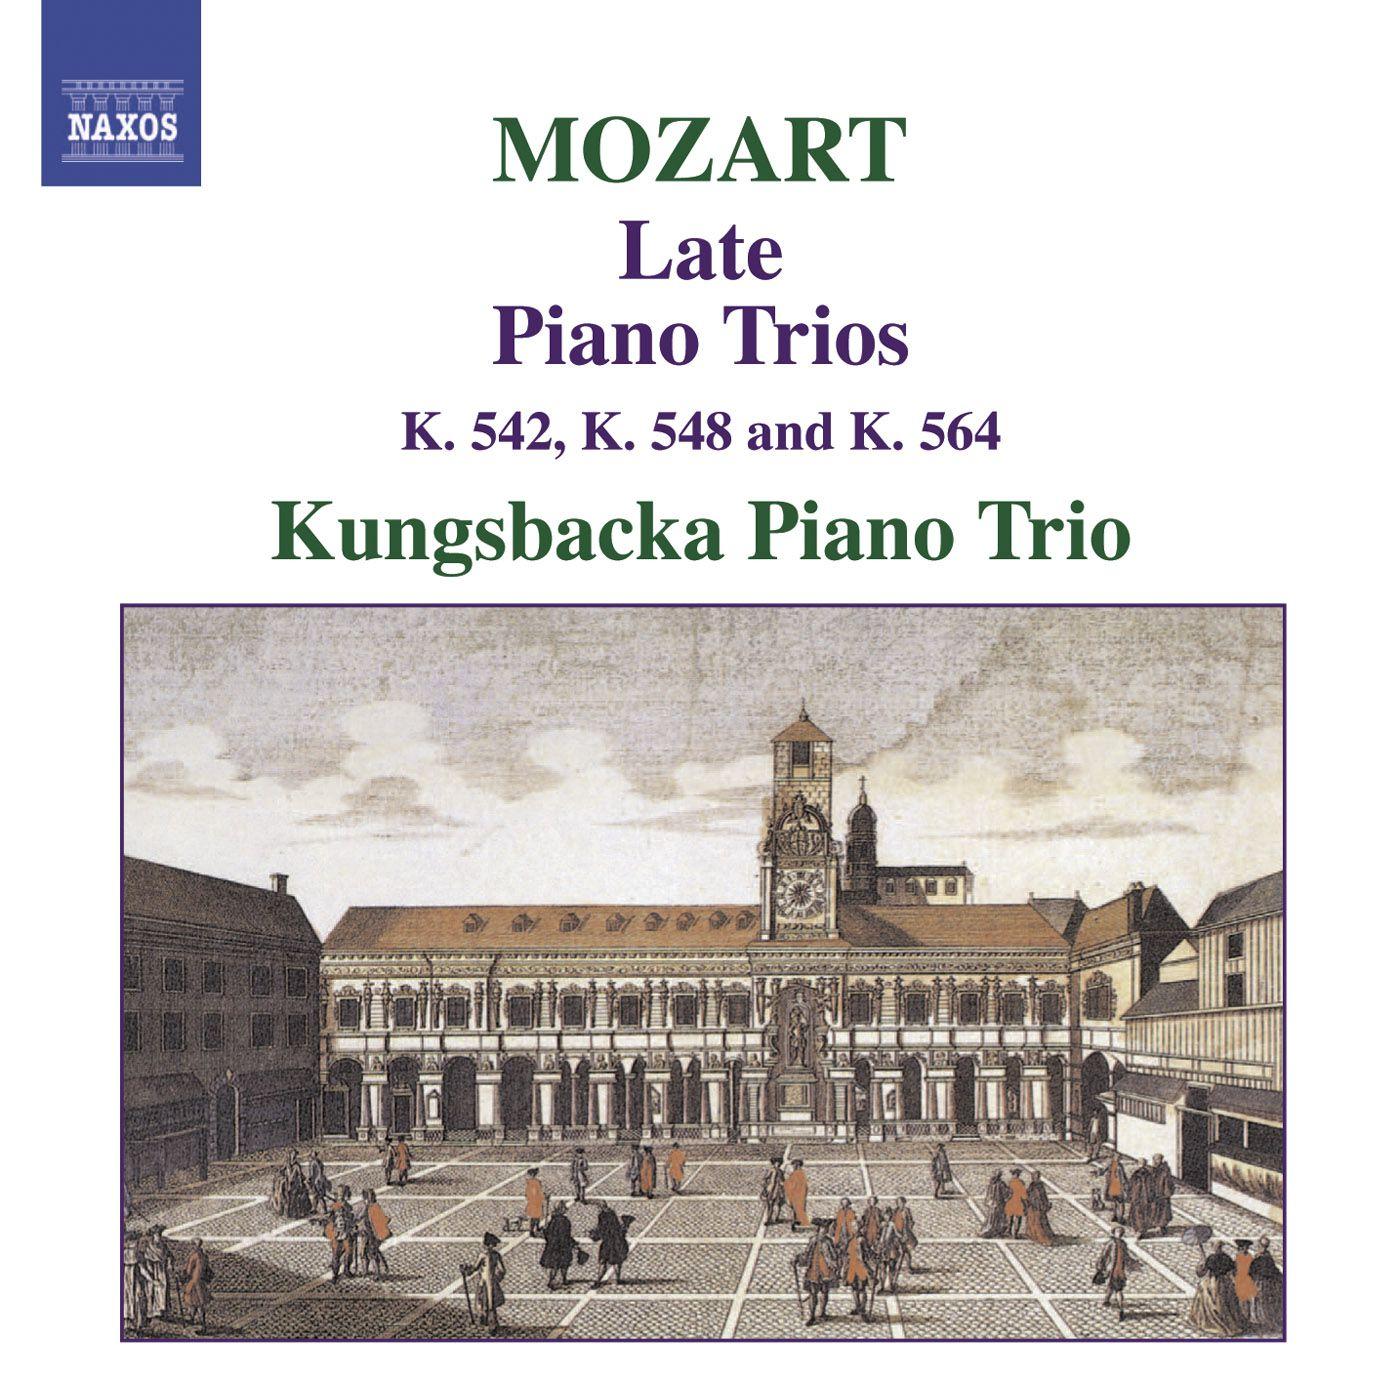 Kungsbacka Piano Trio - Aviv Quartet Aviv String Quartet Live!